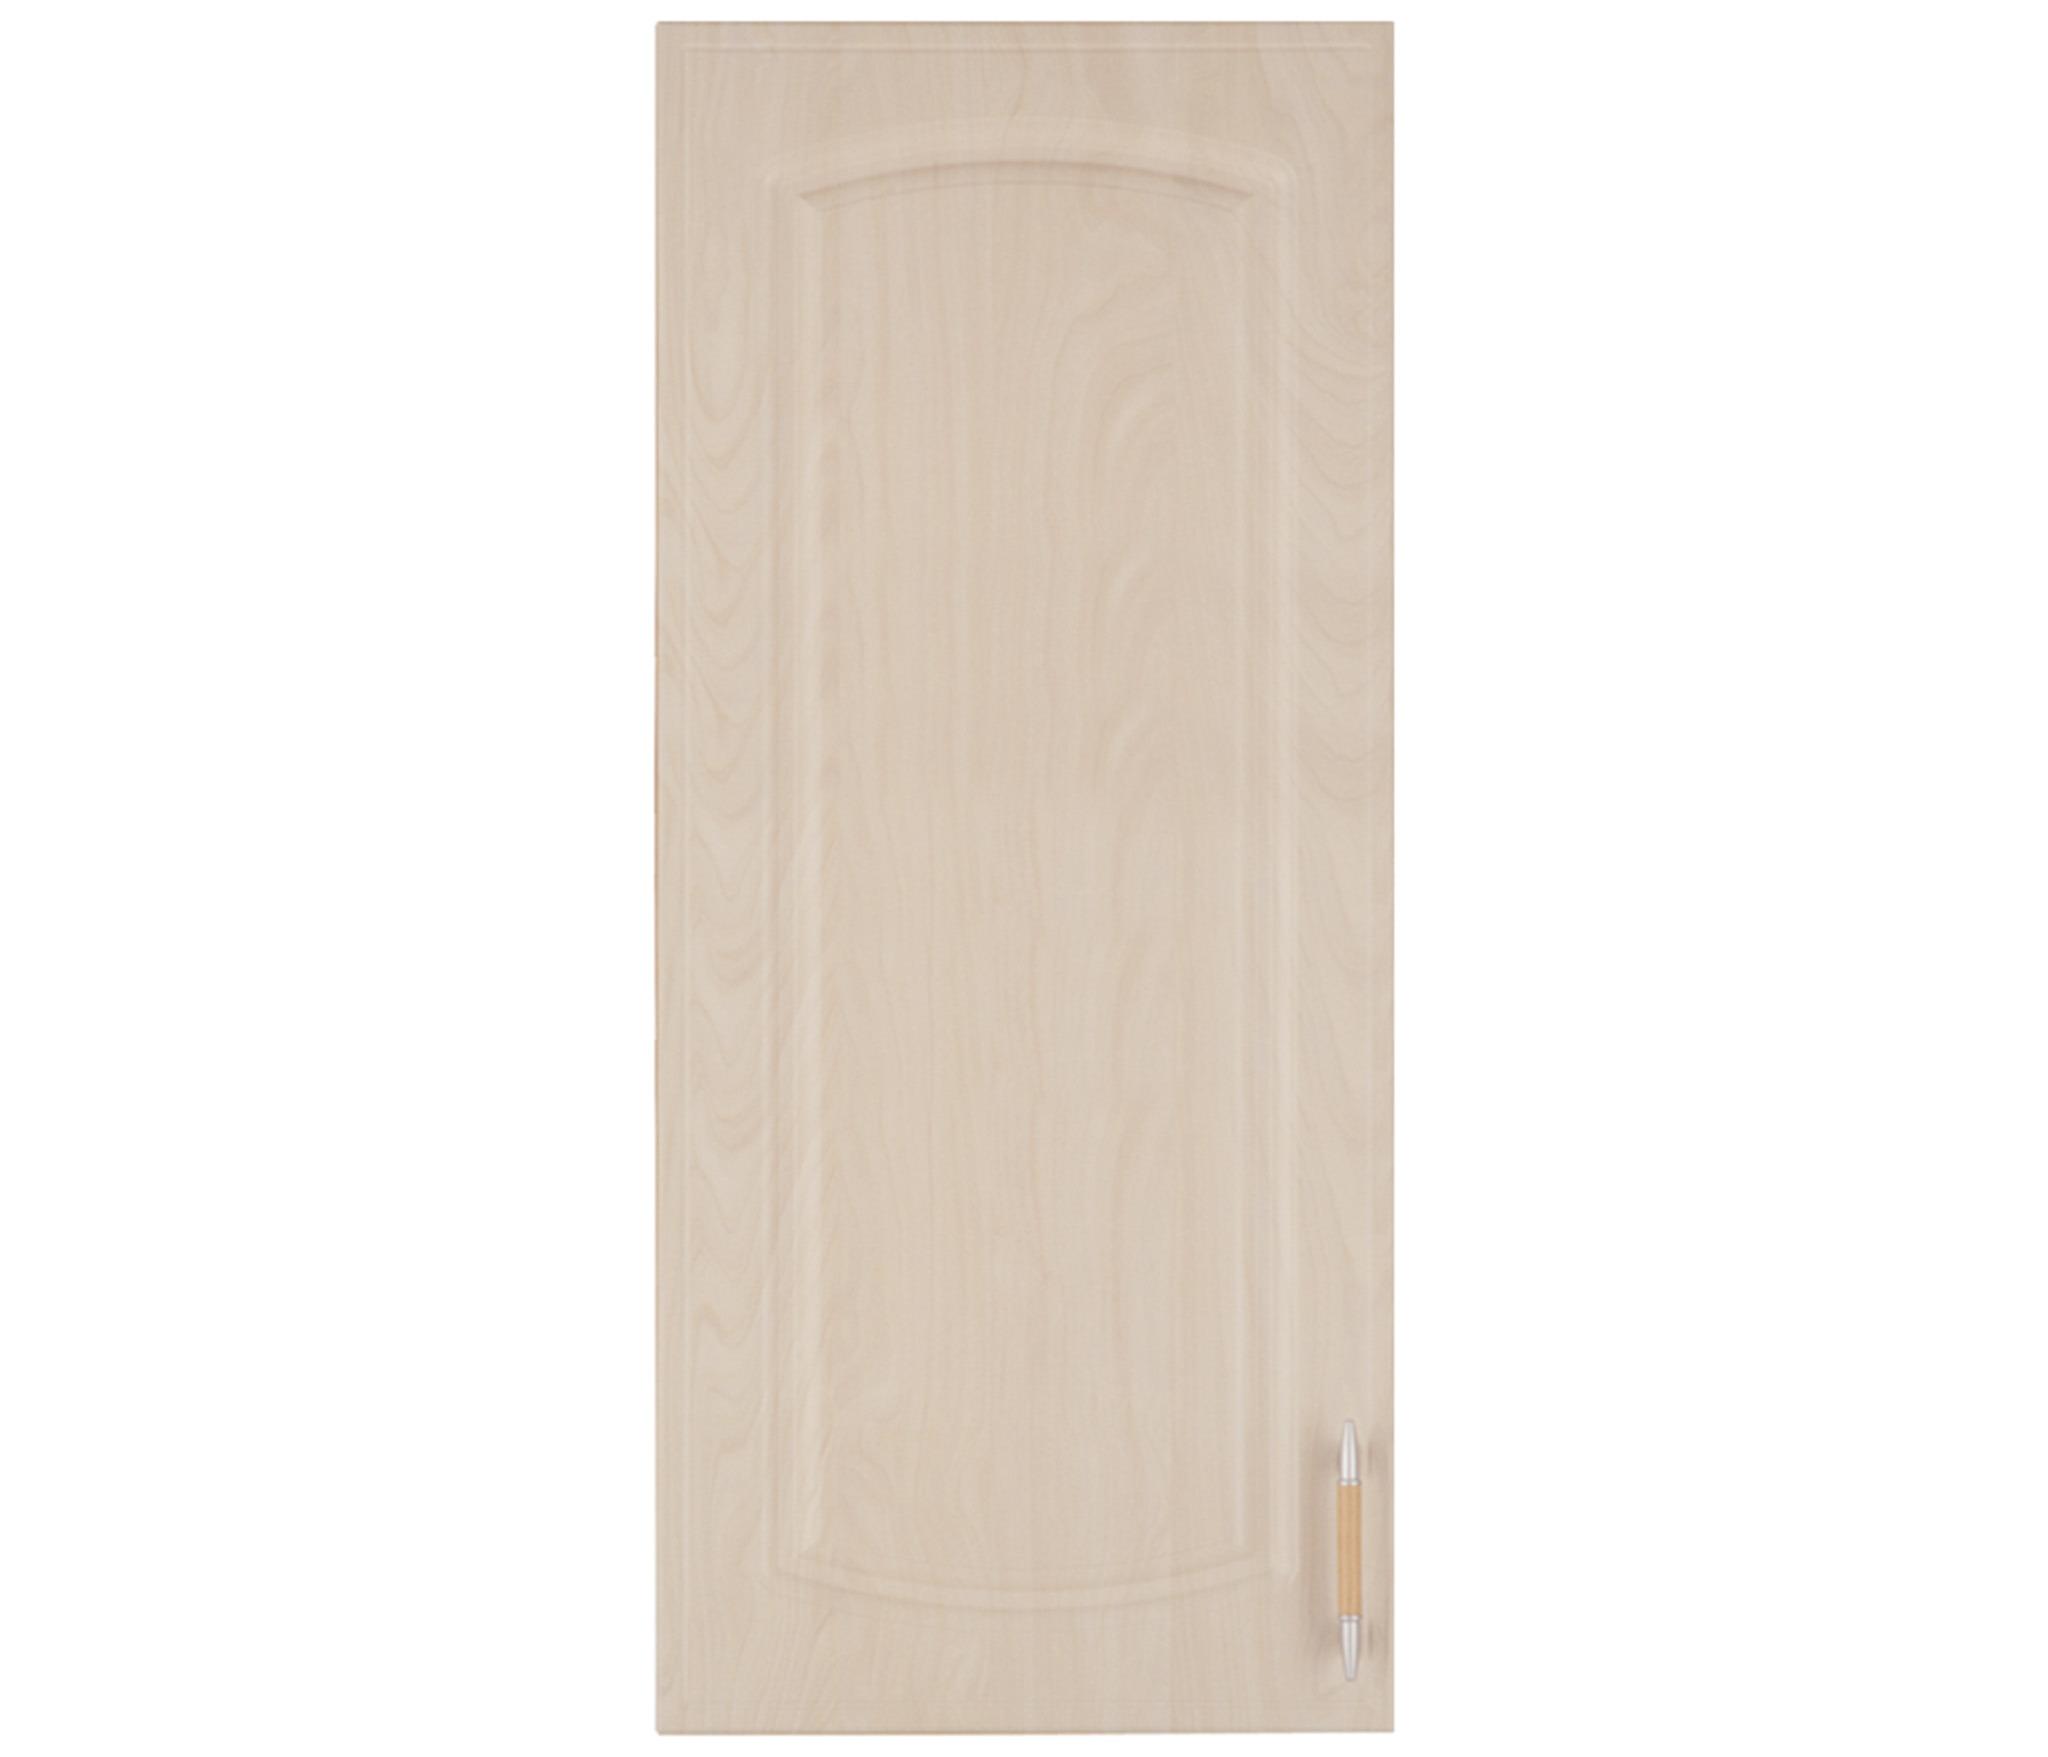 Оля М4 ПолкаМебель для кухни<br>Элегантный одностворчатый подвесной шкаф.